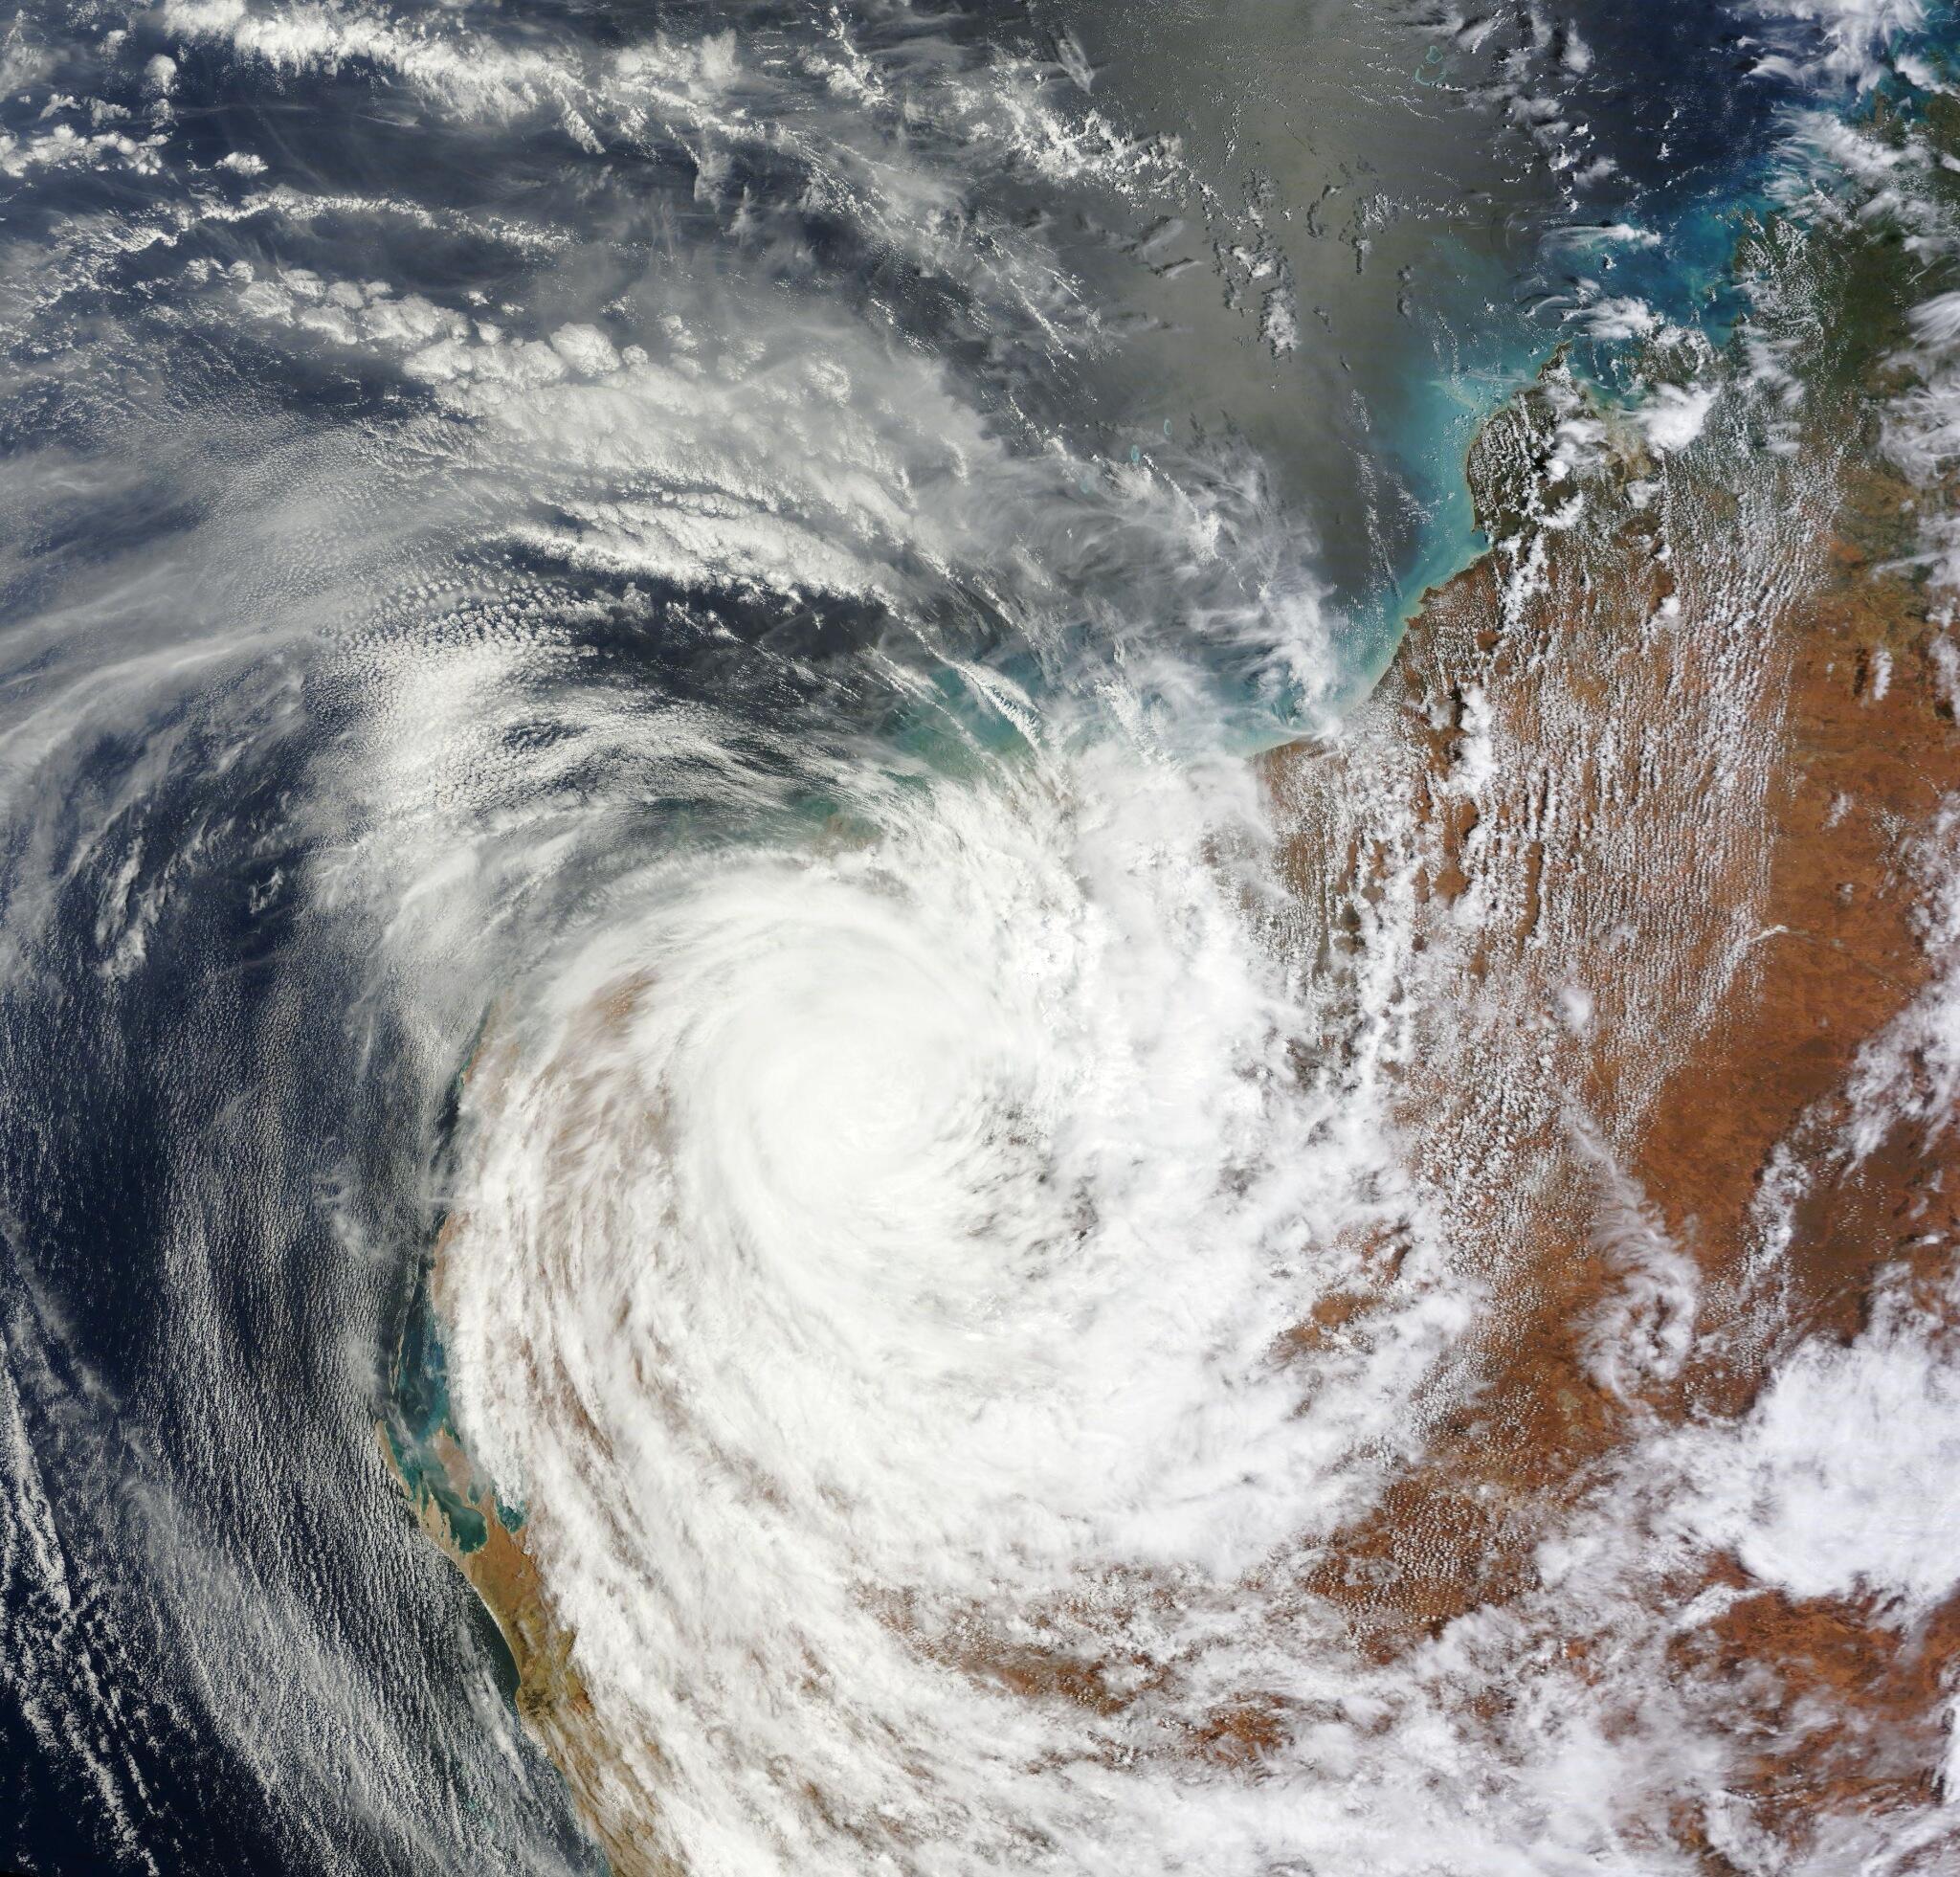 Imagen del ciclón tropical Christine este martes, 31 de diciembre, sobre el noroeste de Australia http://t.co/p706ivARUa